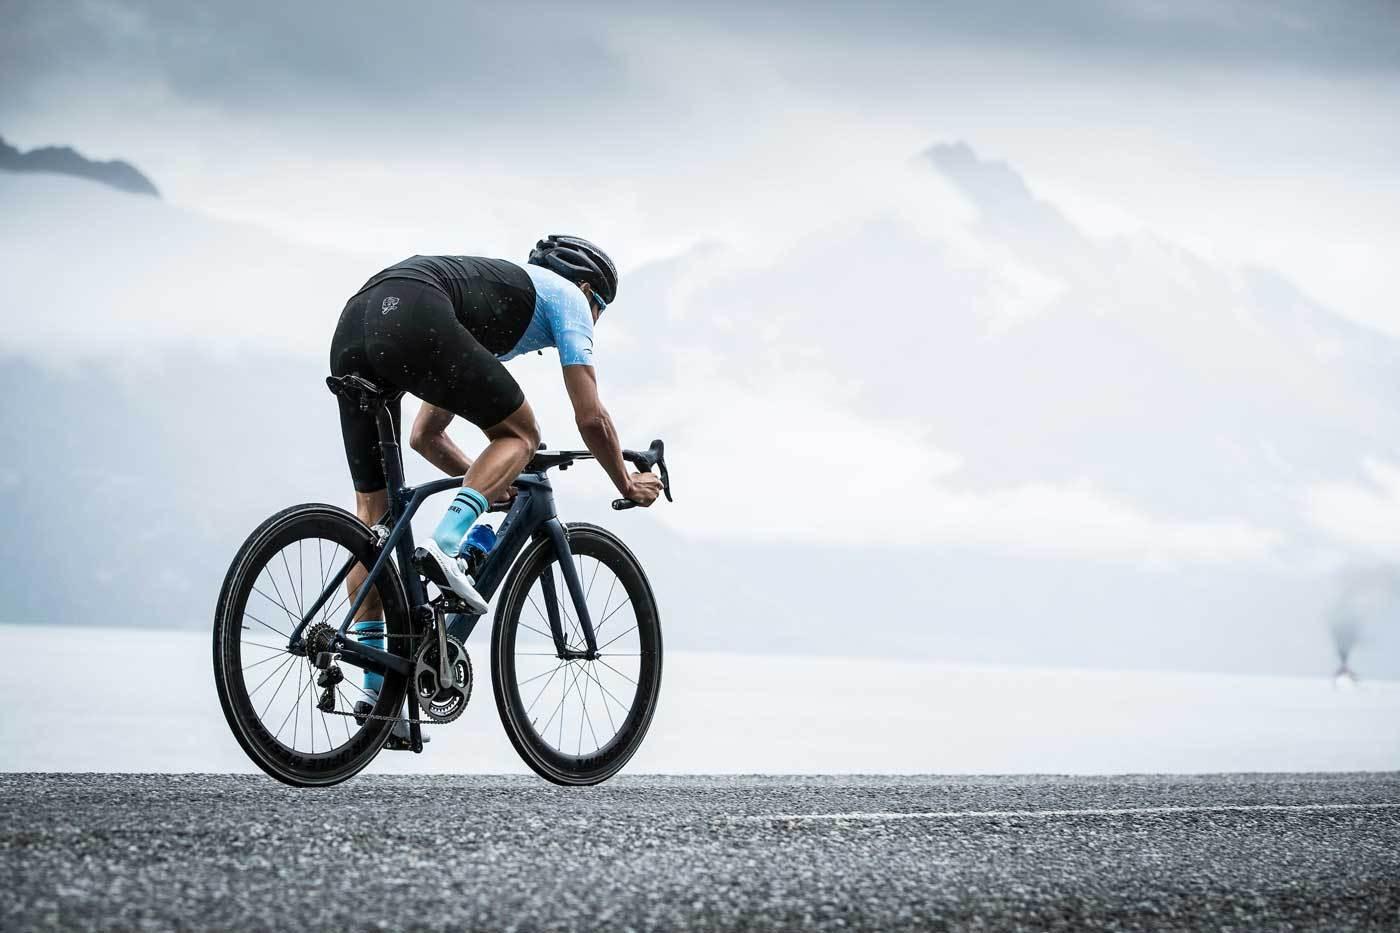 лучшая одежда для велосипедистов Attaquer